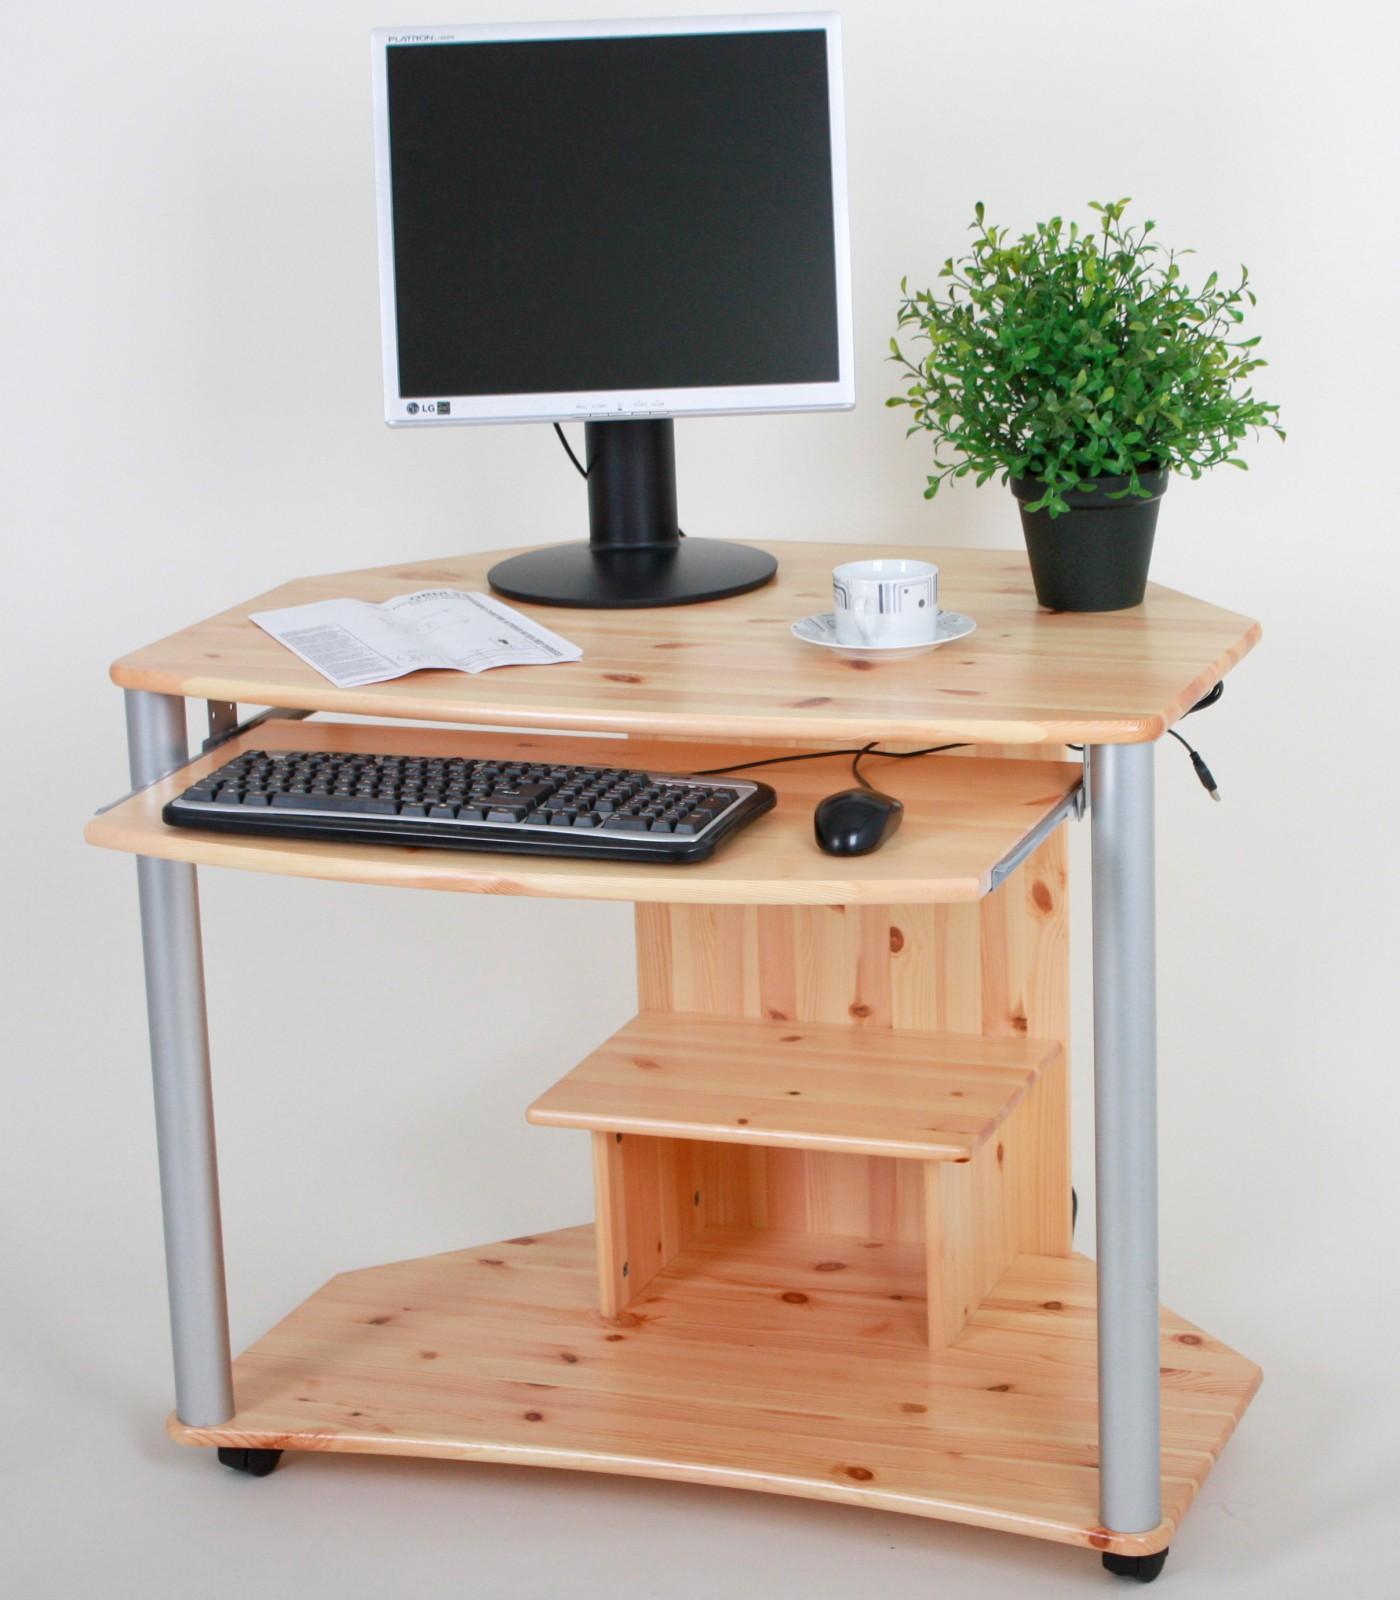 sehr sch n designter computertisch mit ausziehbarer platte. Black Bedroom Furniture Sets. Home Design Ideas